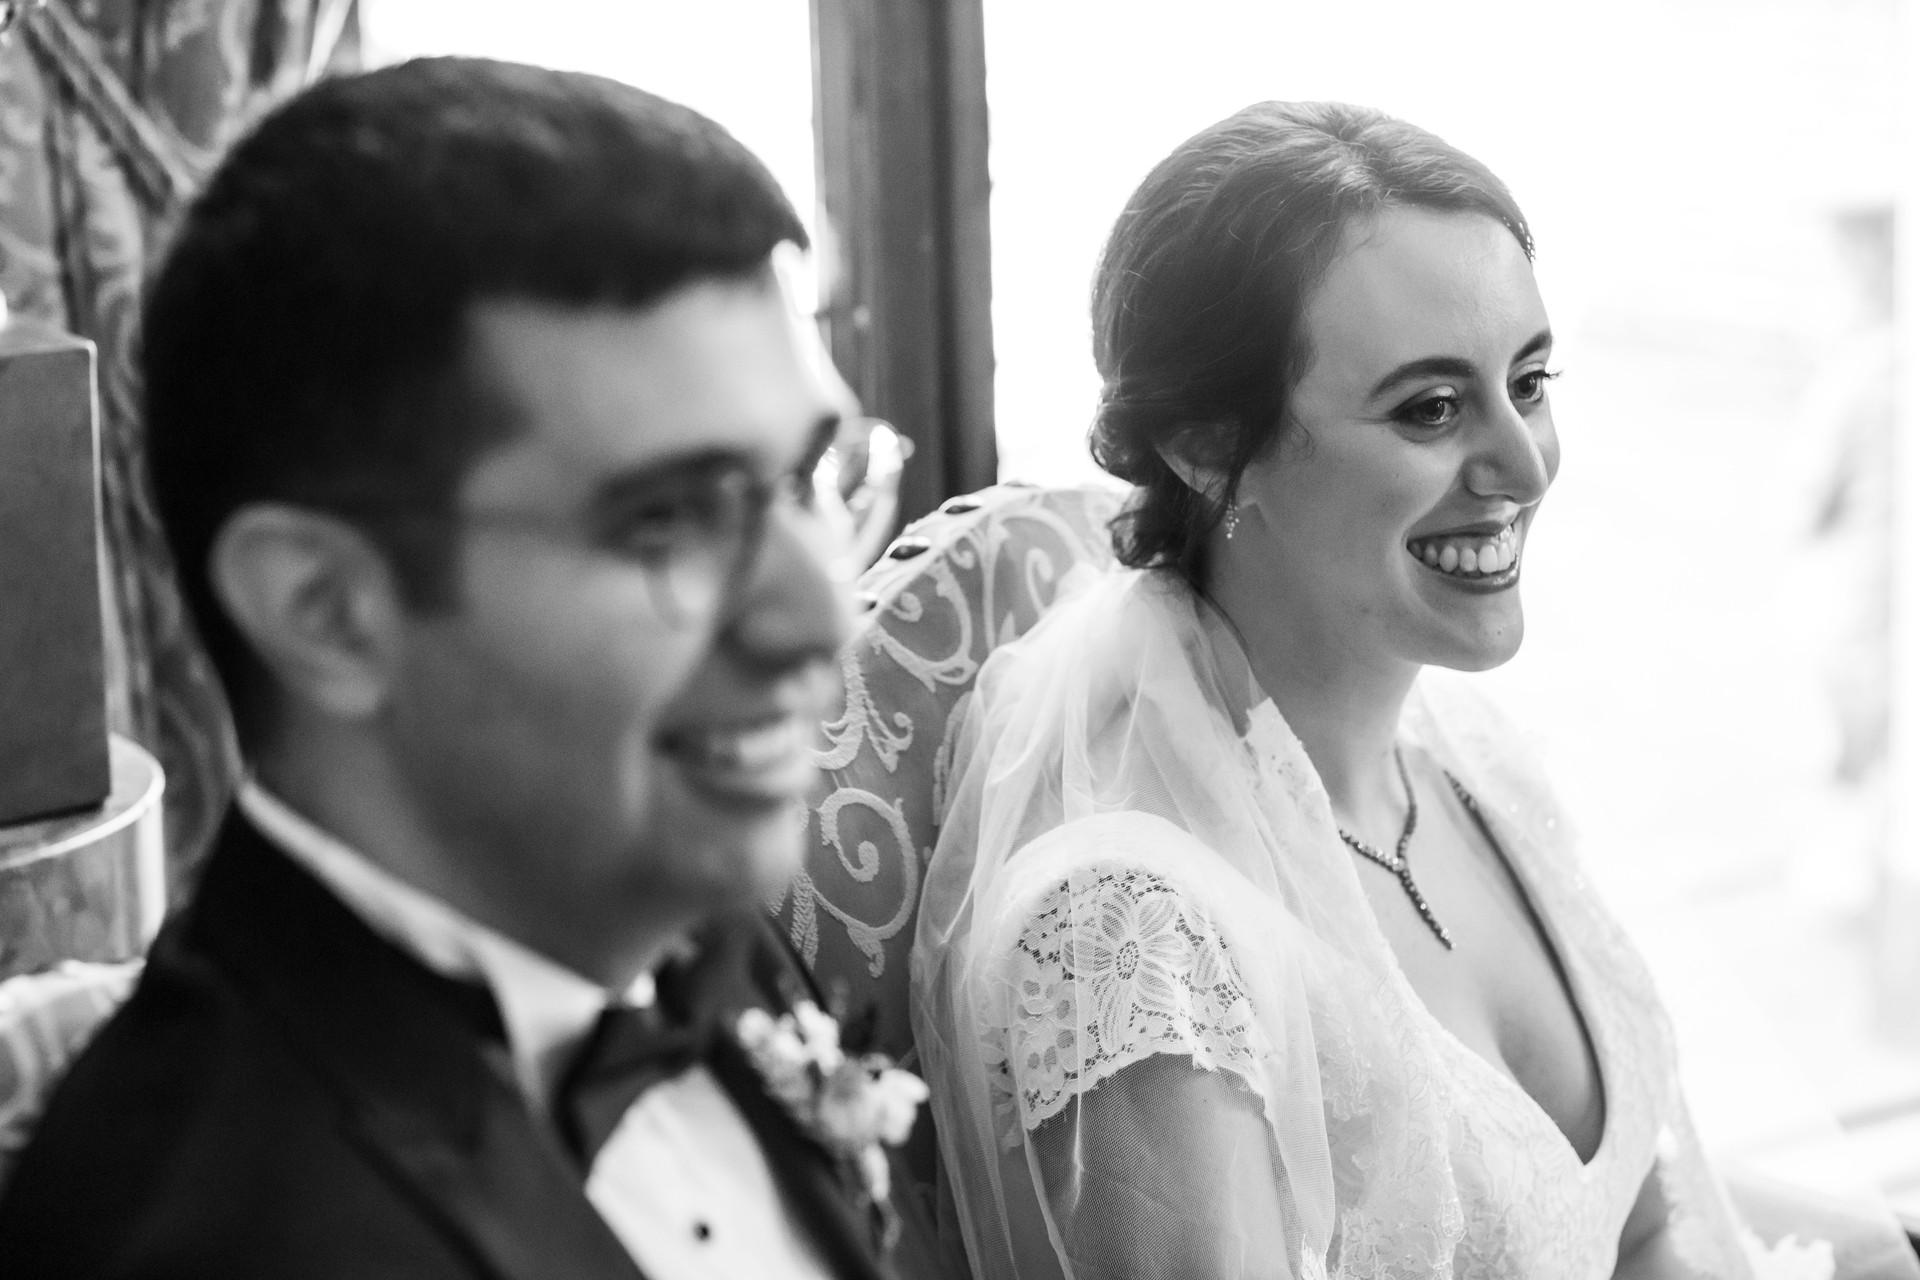 bruidsfotograaf-nurenerinc-37.jpg